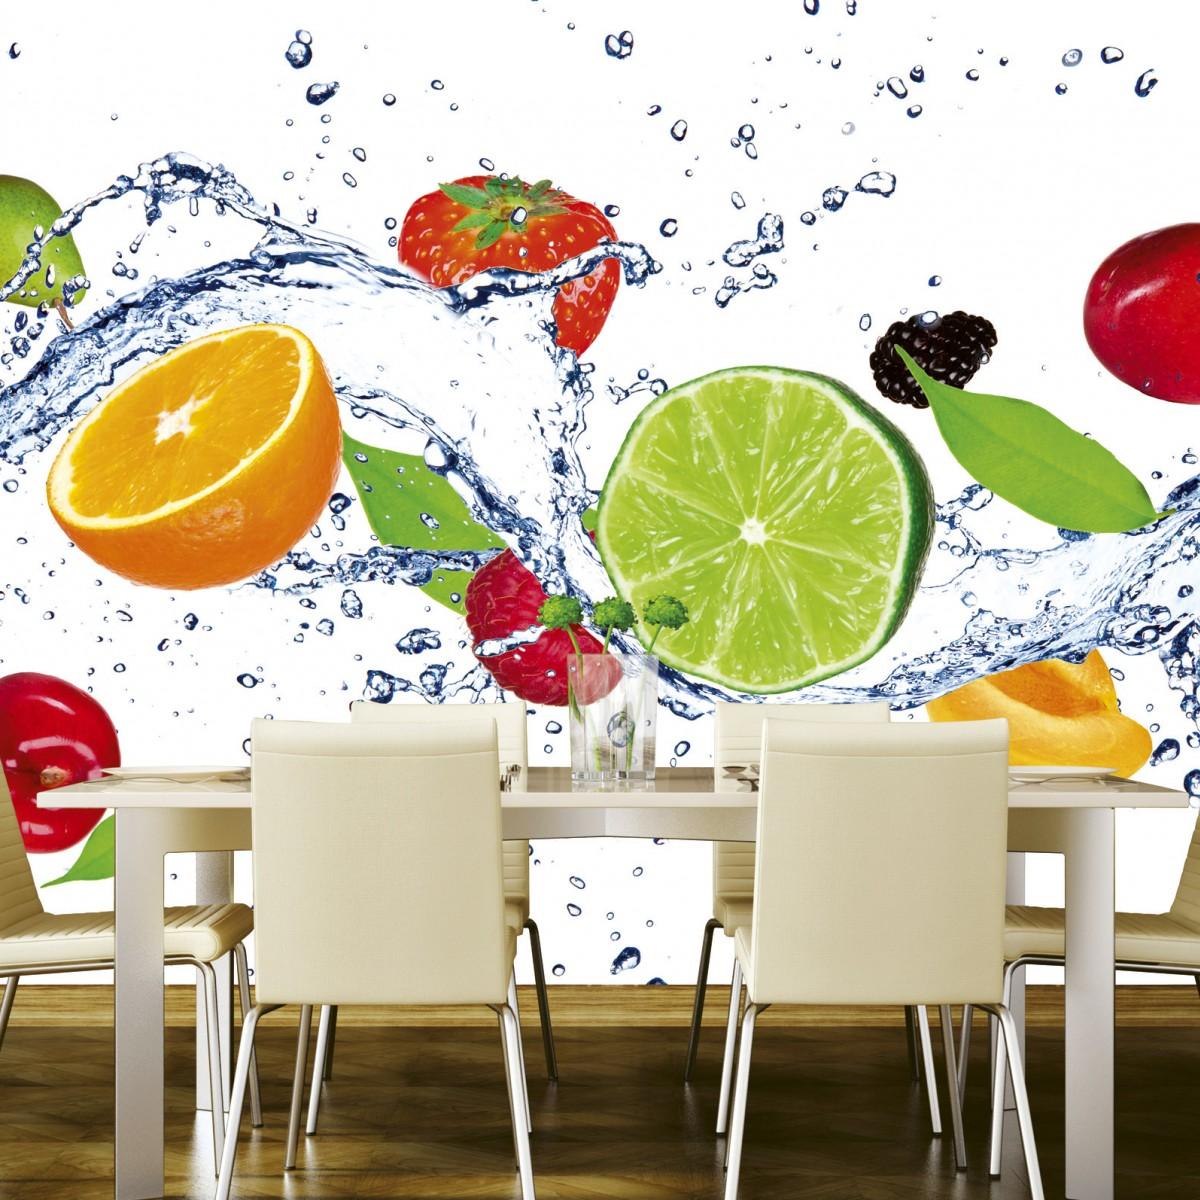 Foto tapet 3D Fruits In Water, Dimex, 5 fâșii, 375 x 250cm